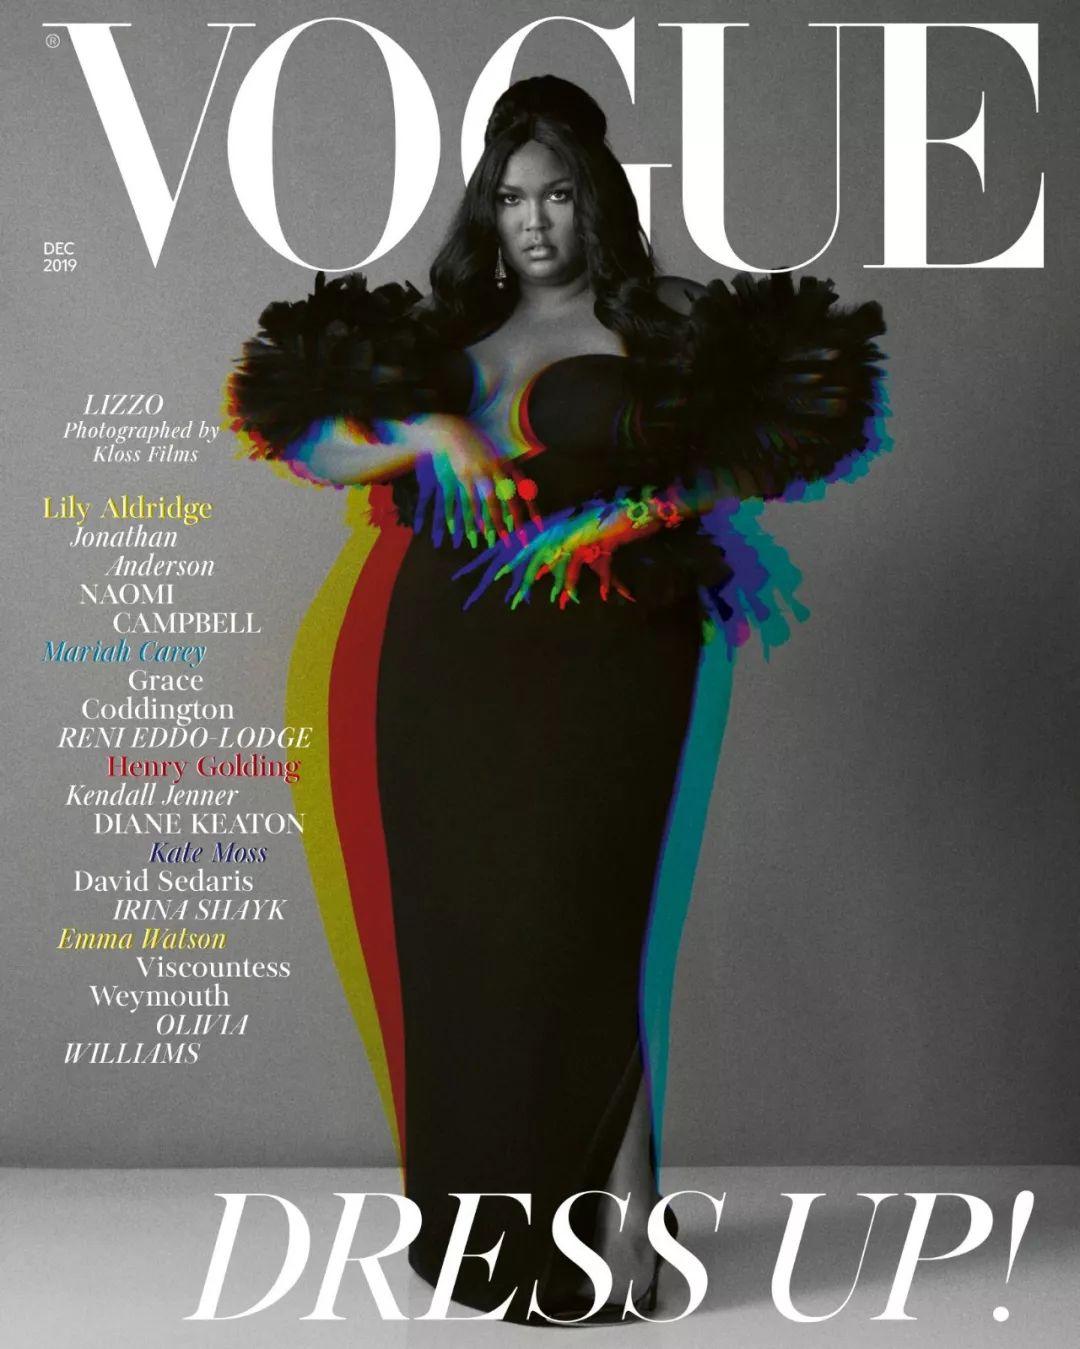 Lizzo登上英版VOGUE封面,嘻哈圈第一人!_Beyonc